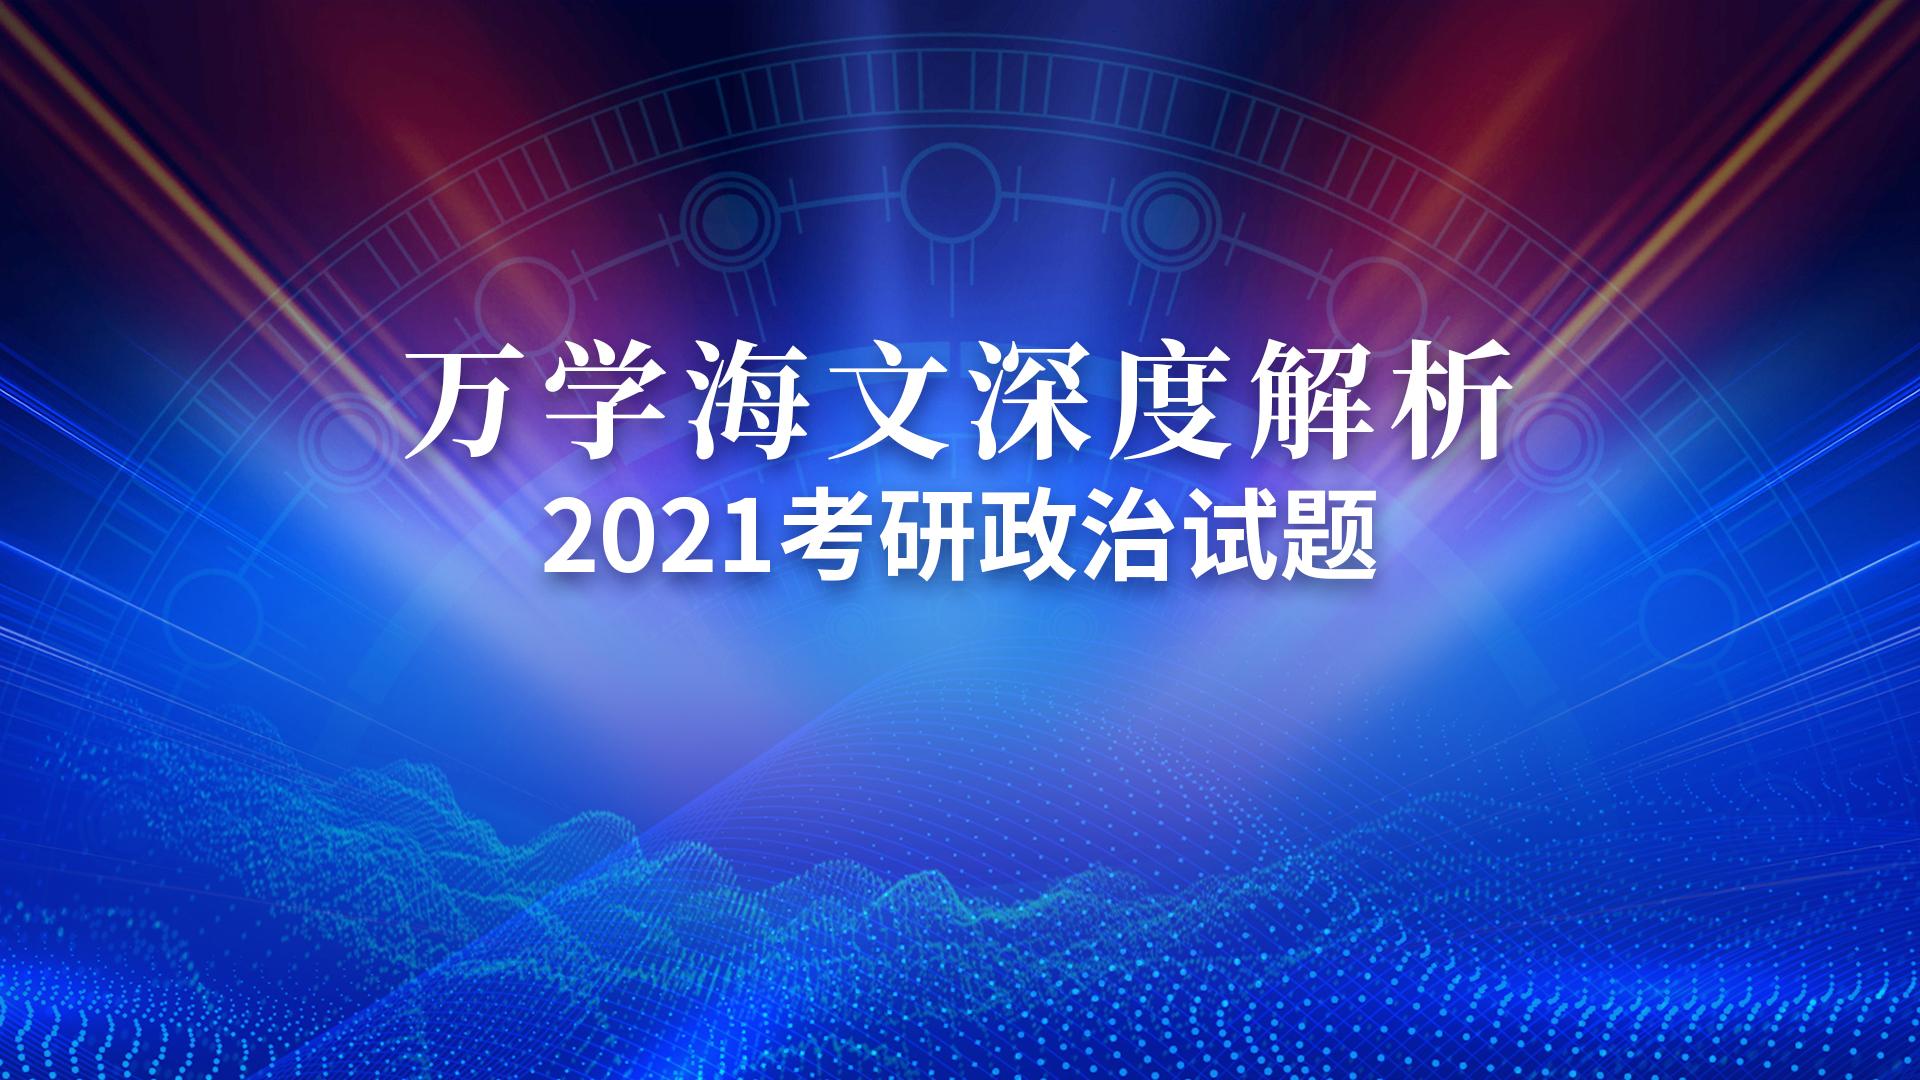 万学海文老师郭继武做客中国教育在线解析2021考研政治试题